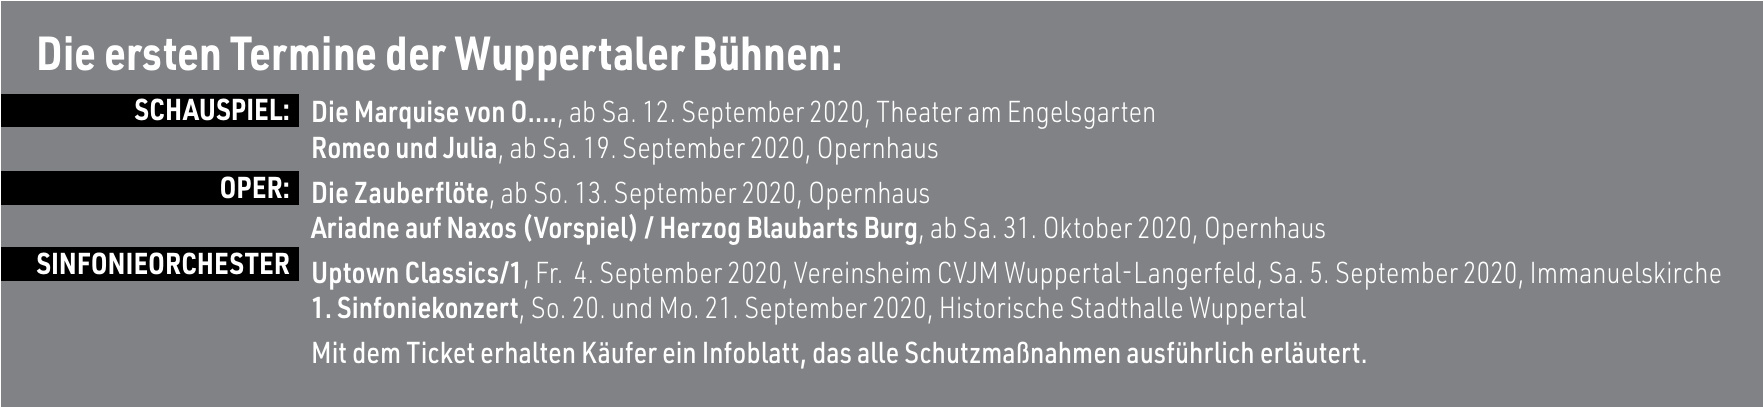 Die ersten Termine der Wuppertaler Bühnen